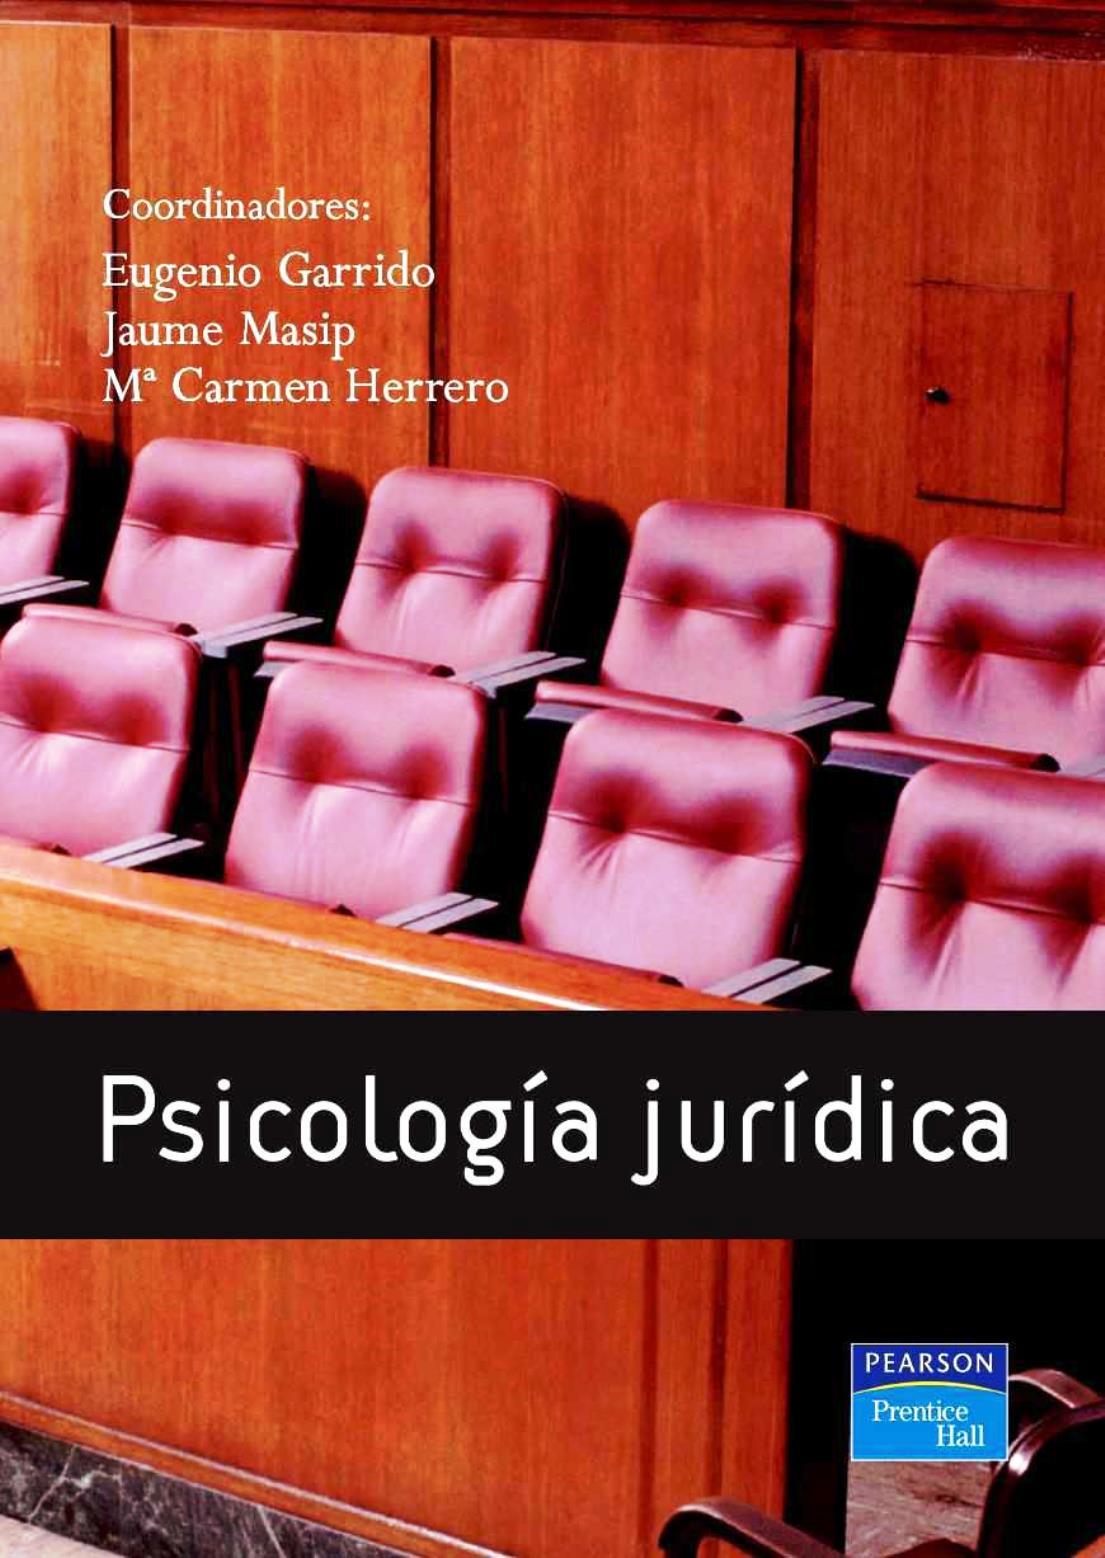 Psicología jurídica – Eugenio Garrido